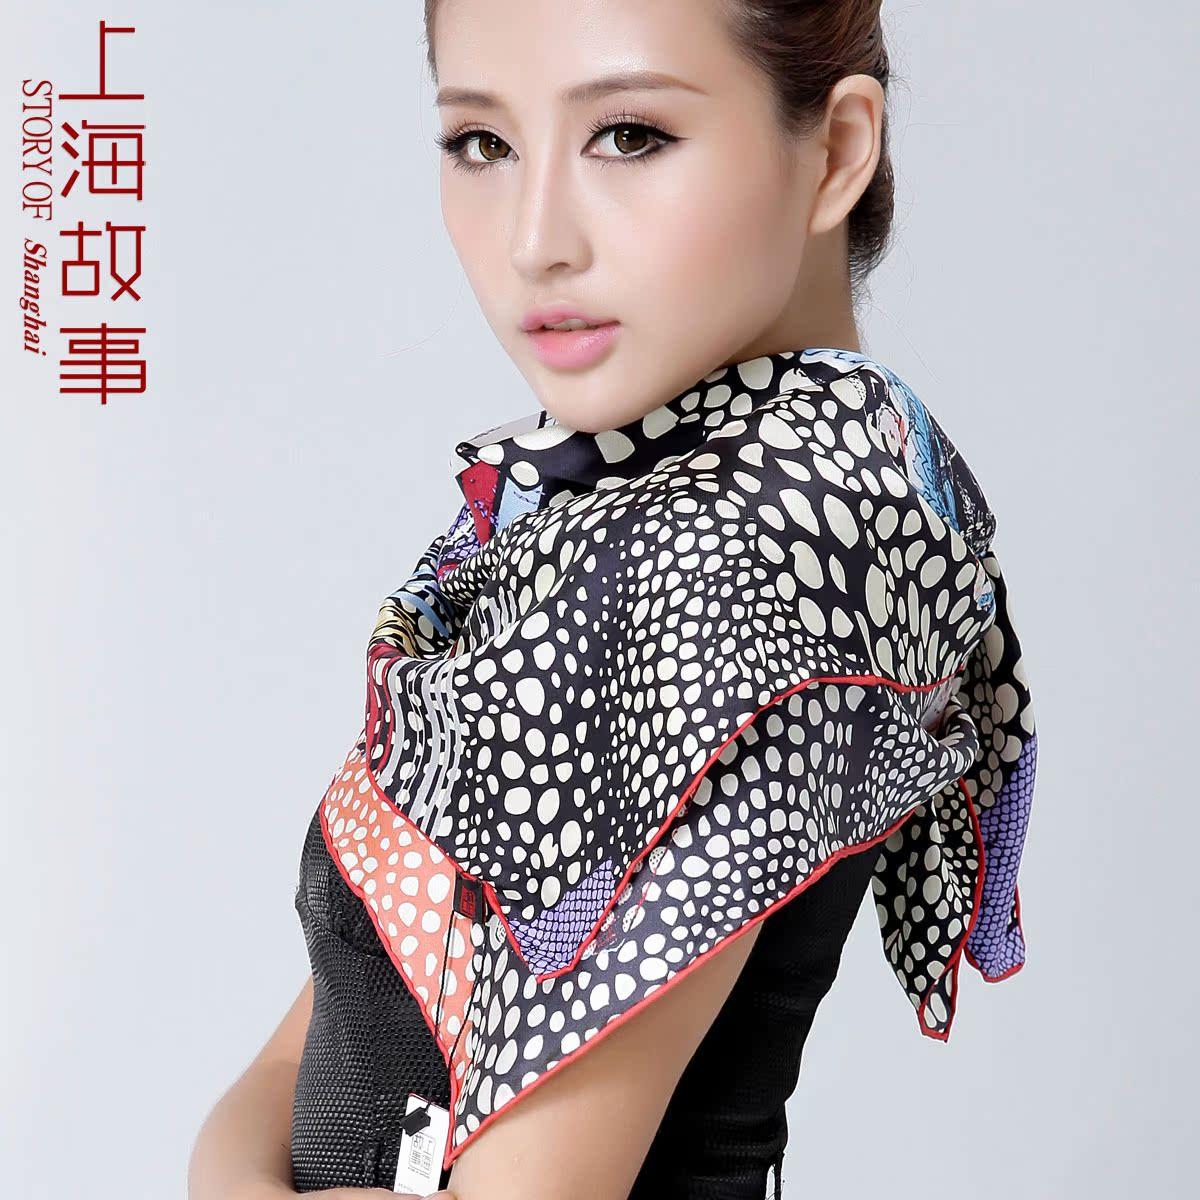 шарф Story Of Shanghai 2013 Женское Шелк Шарф